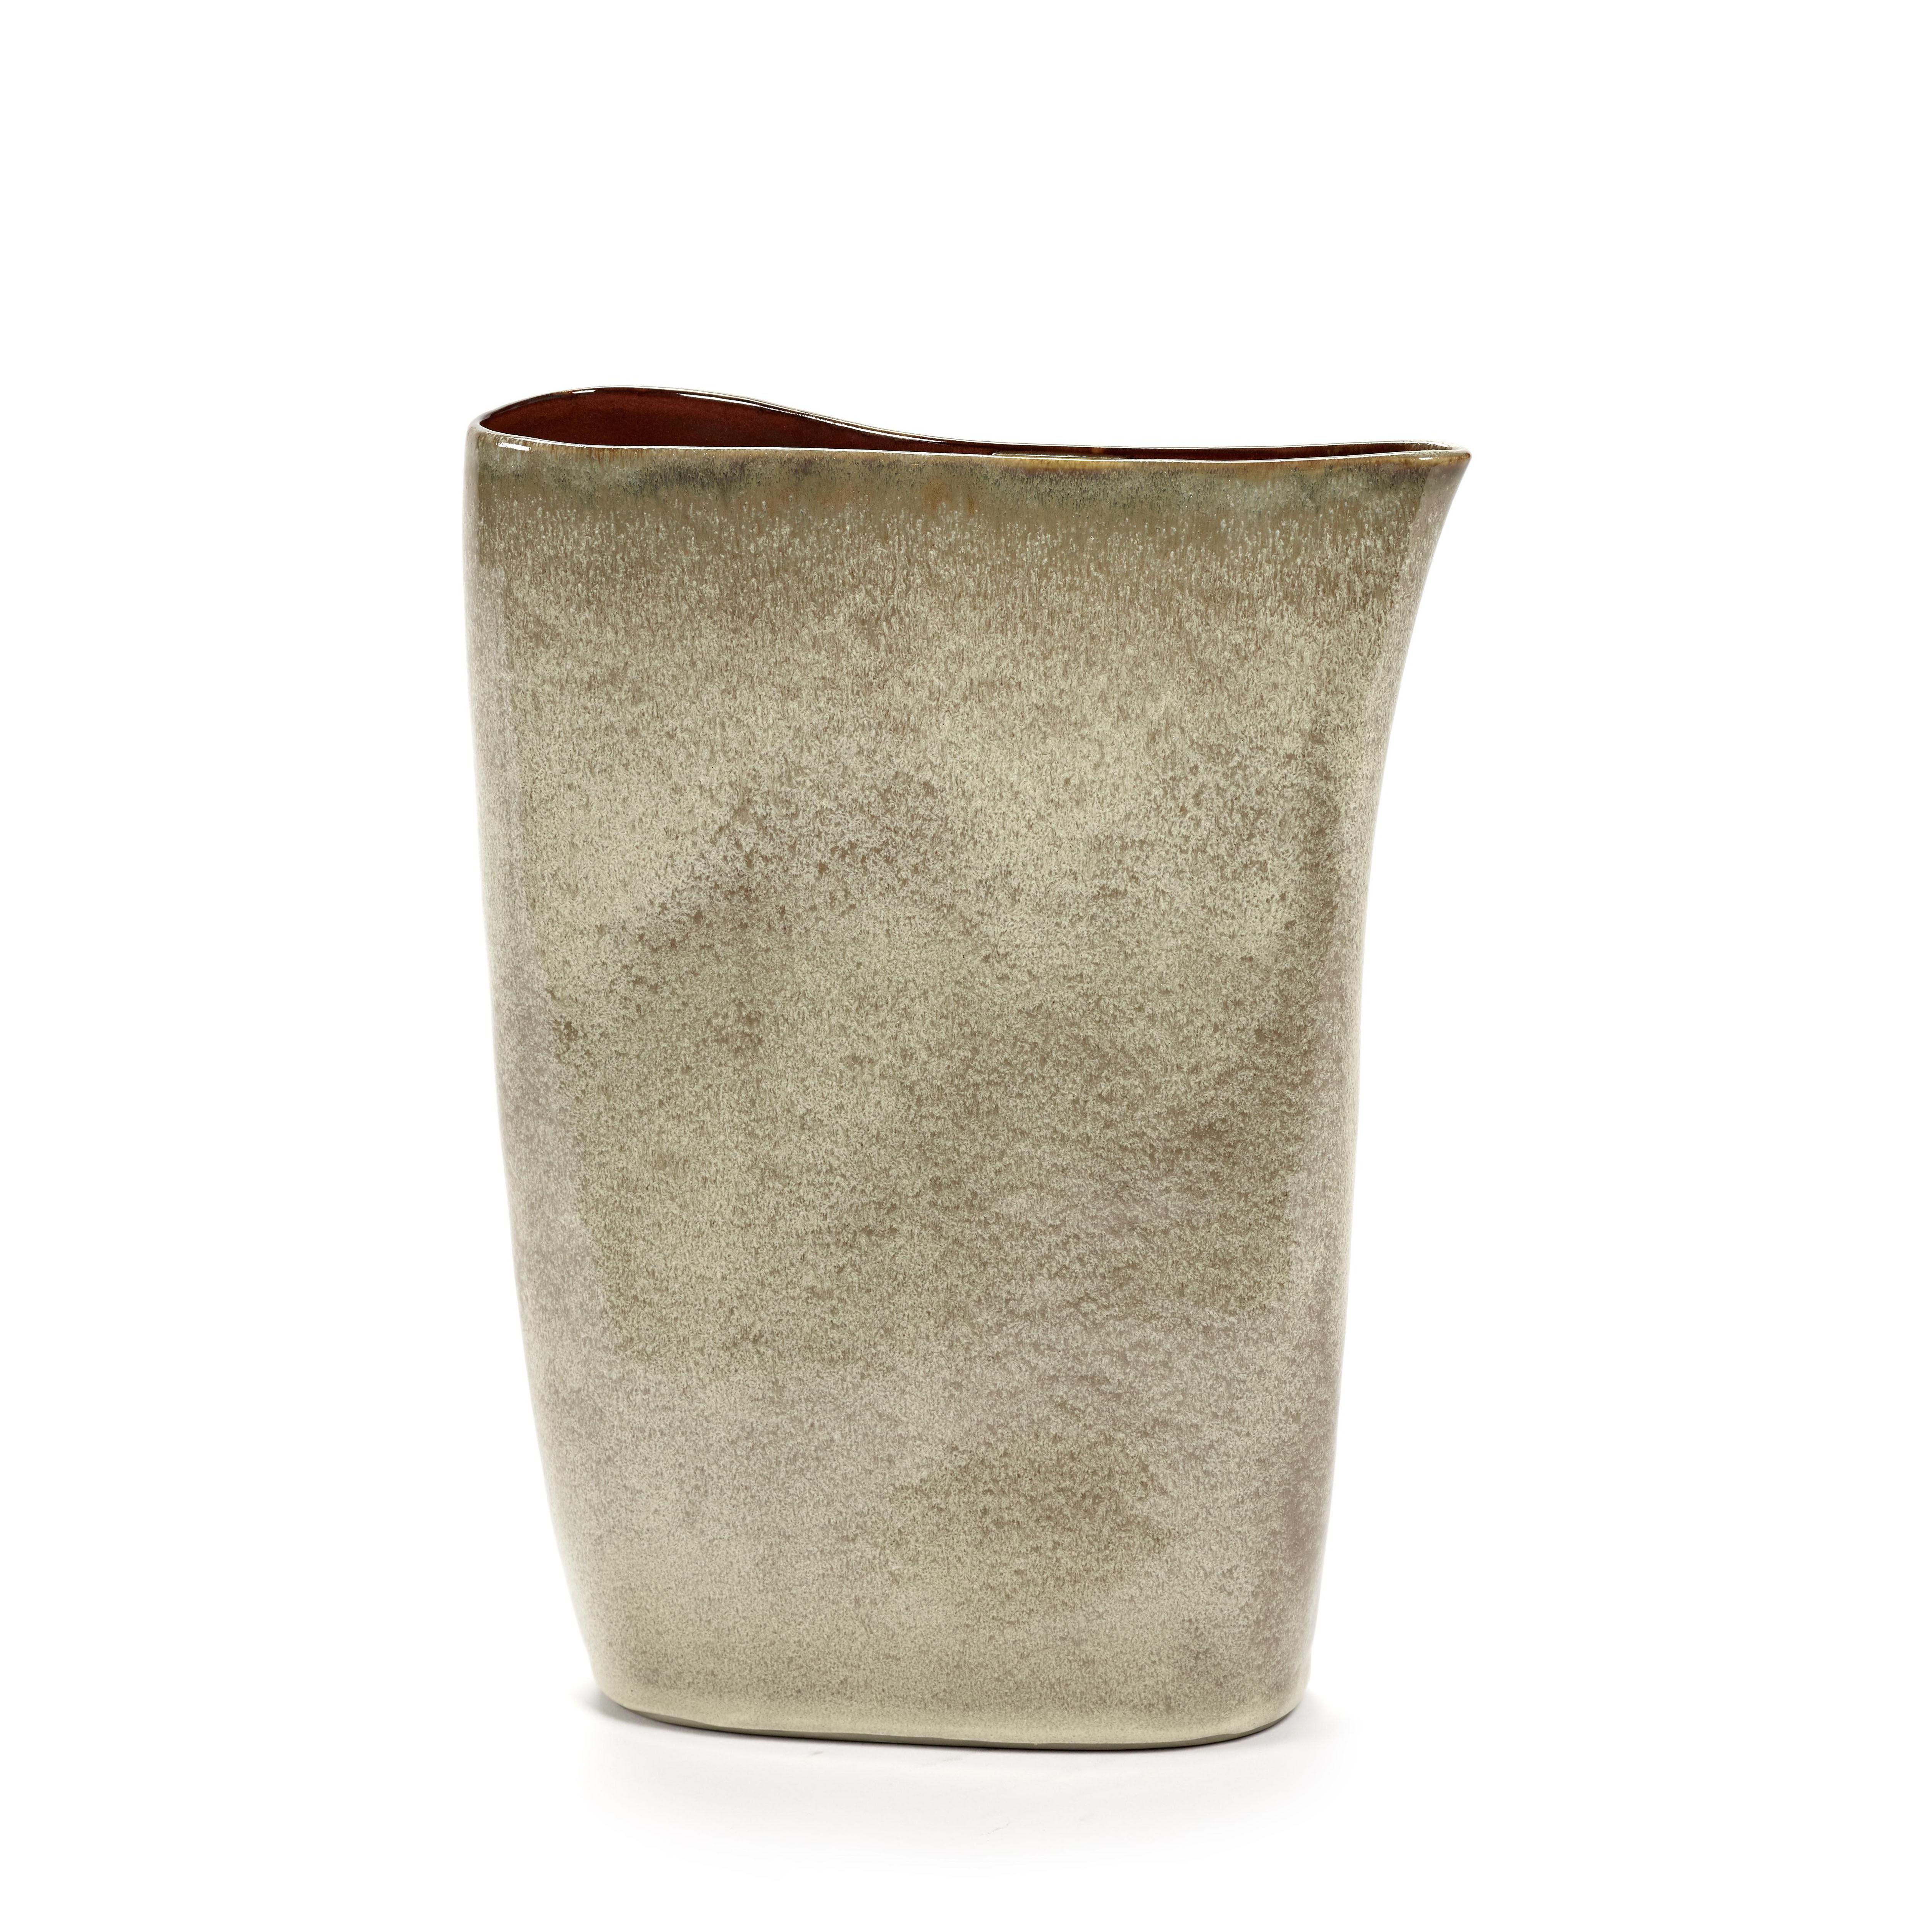 Déco - Vases - Vase Anita Haut / H 33 cm - Fait main - Serax - Beige - Grès émaillé